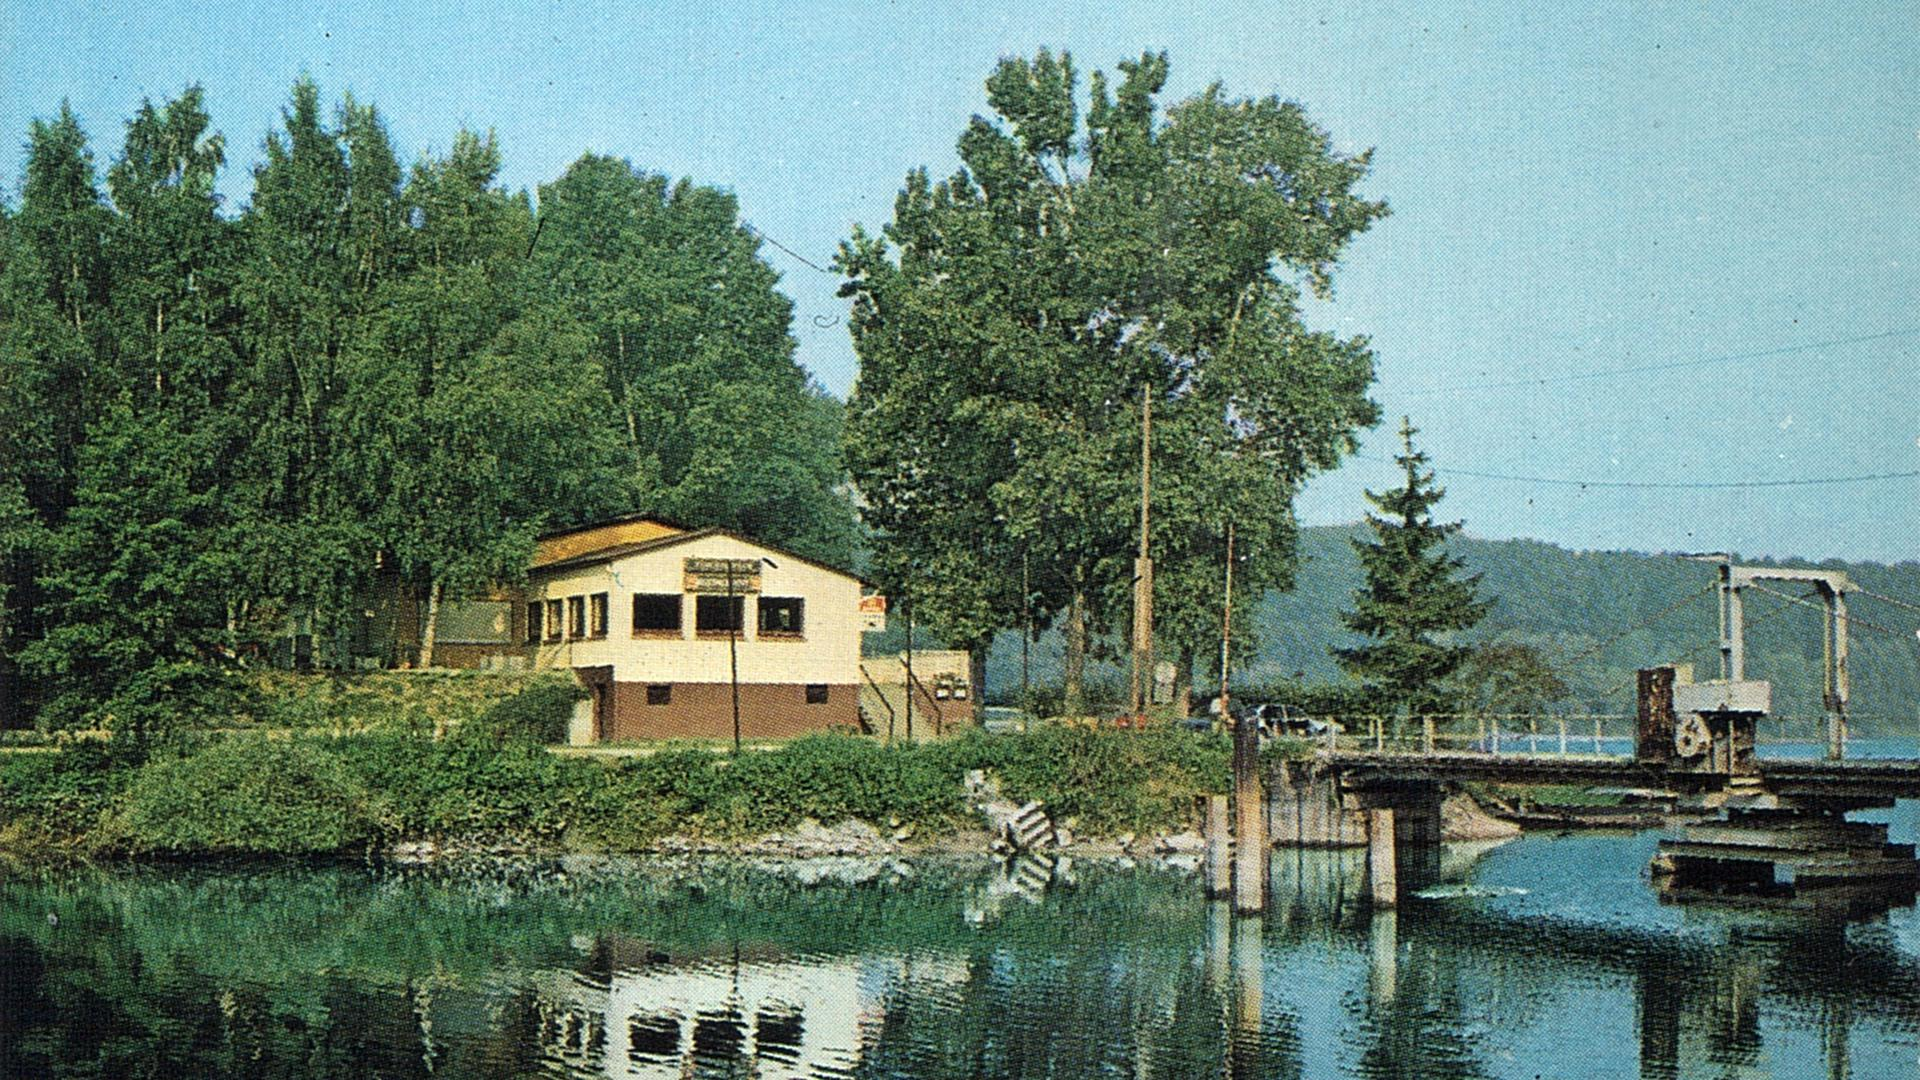 Einladende Idylle: Um 1980 ließ das Pächterehepaar farbenfrohe Werbekarten für das Fischerheim auf der Hochstetter Insel Rott drucken. Das Motiv zeigt auch die Drehbrücke.